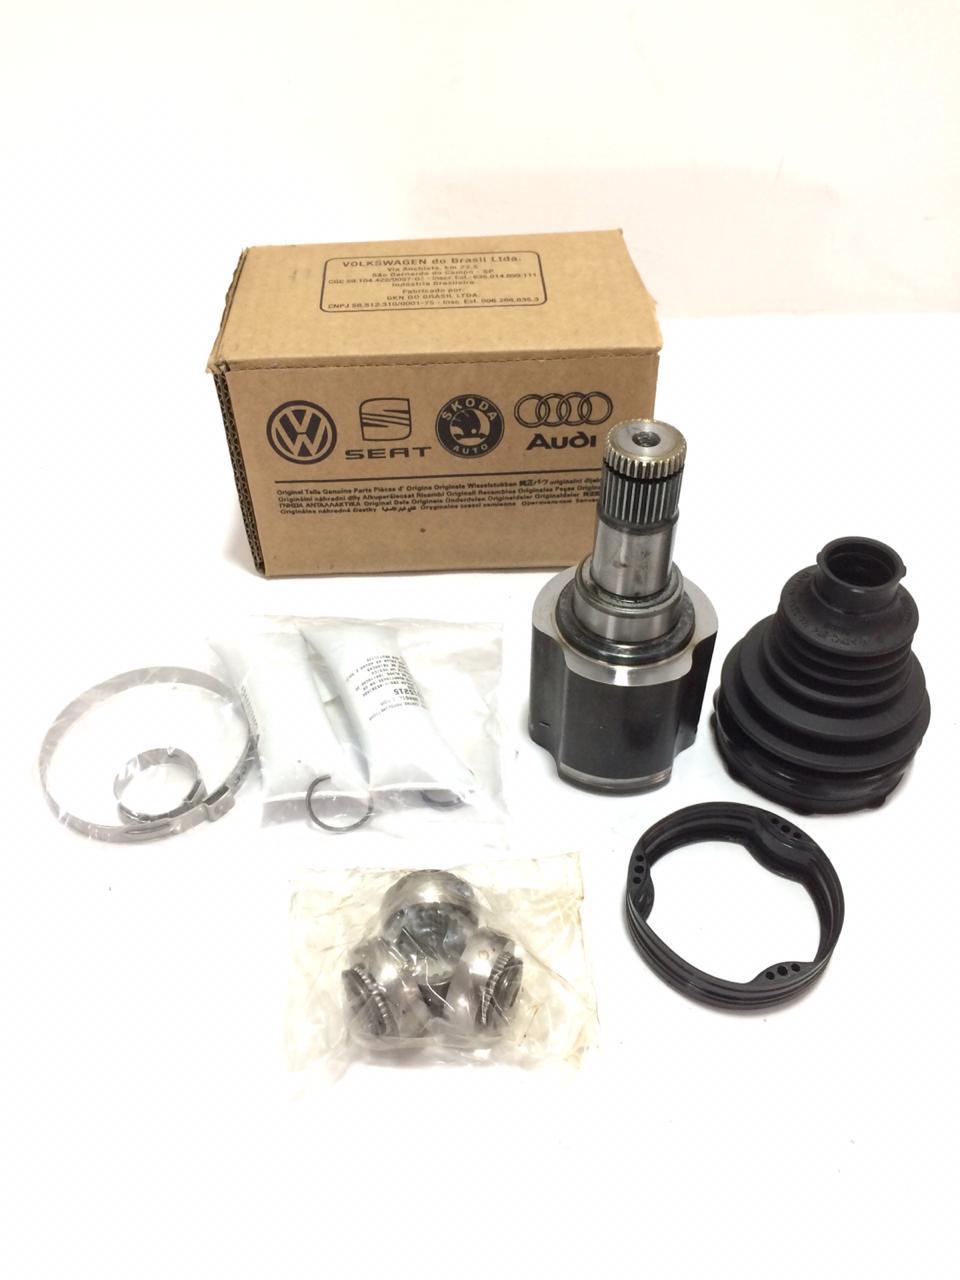 Junta Homocinética Volkswagen Polo Up! Virtus 1SB498103a